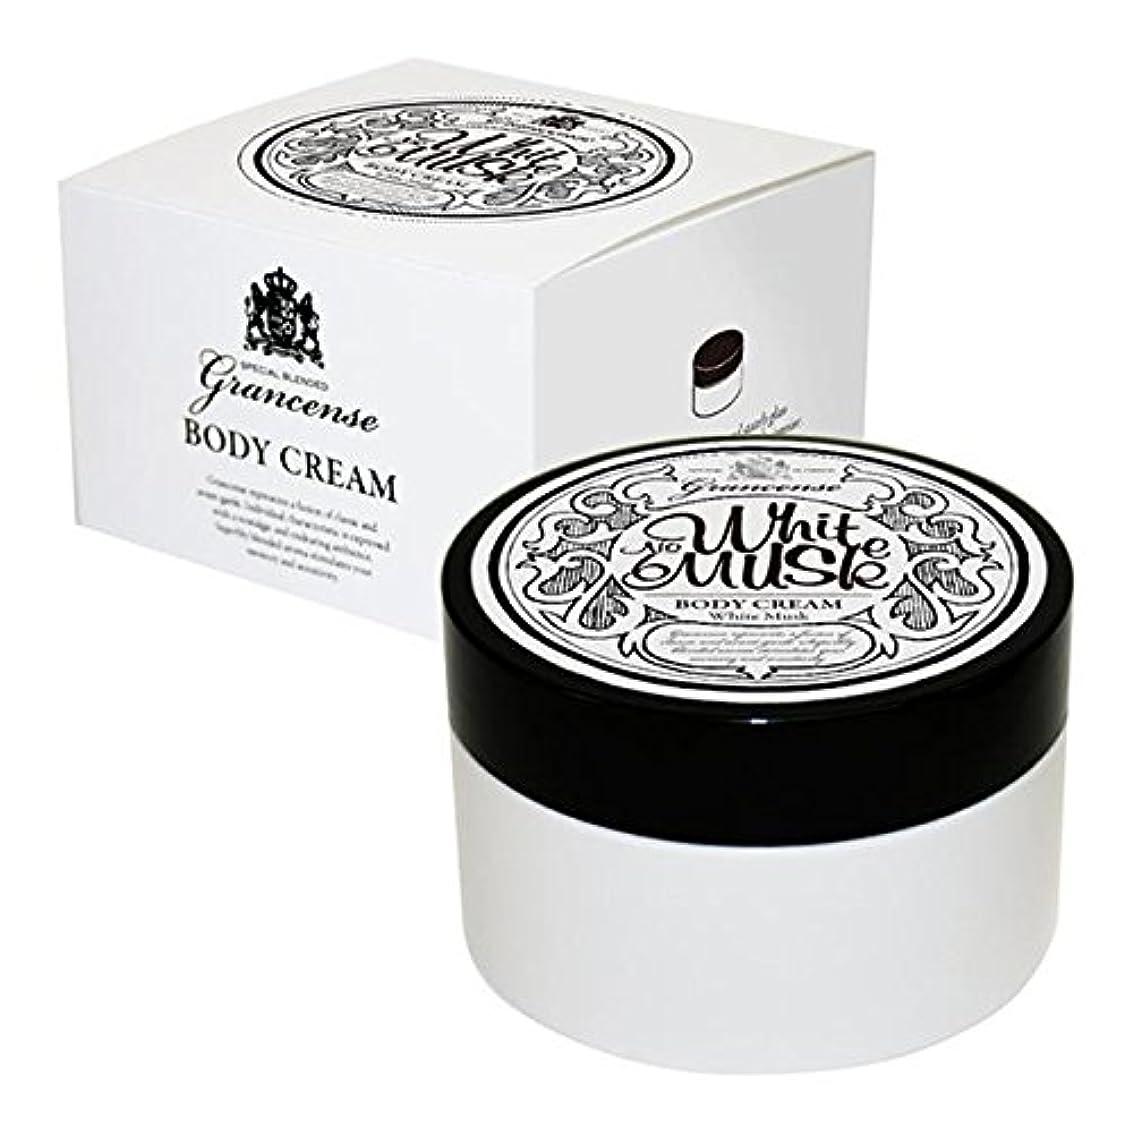 グランセンス ボディークリーム ホワイトムスク 100g (保湿クリーム ユニセックス 日本製 オーガニック植物エキス配合)